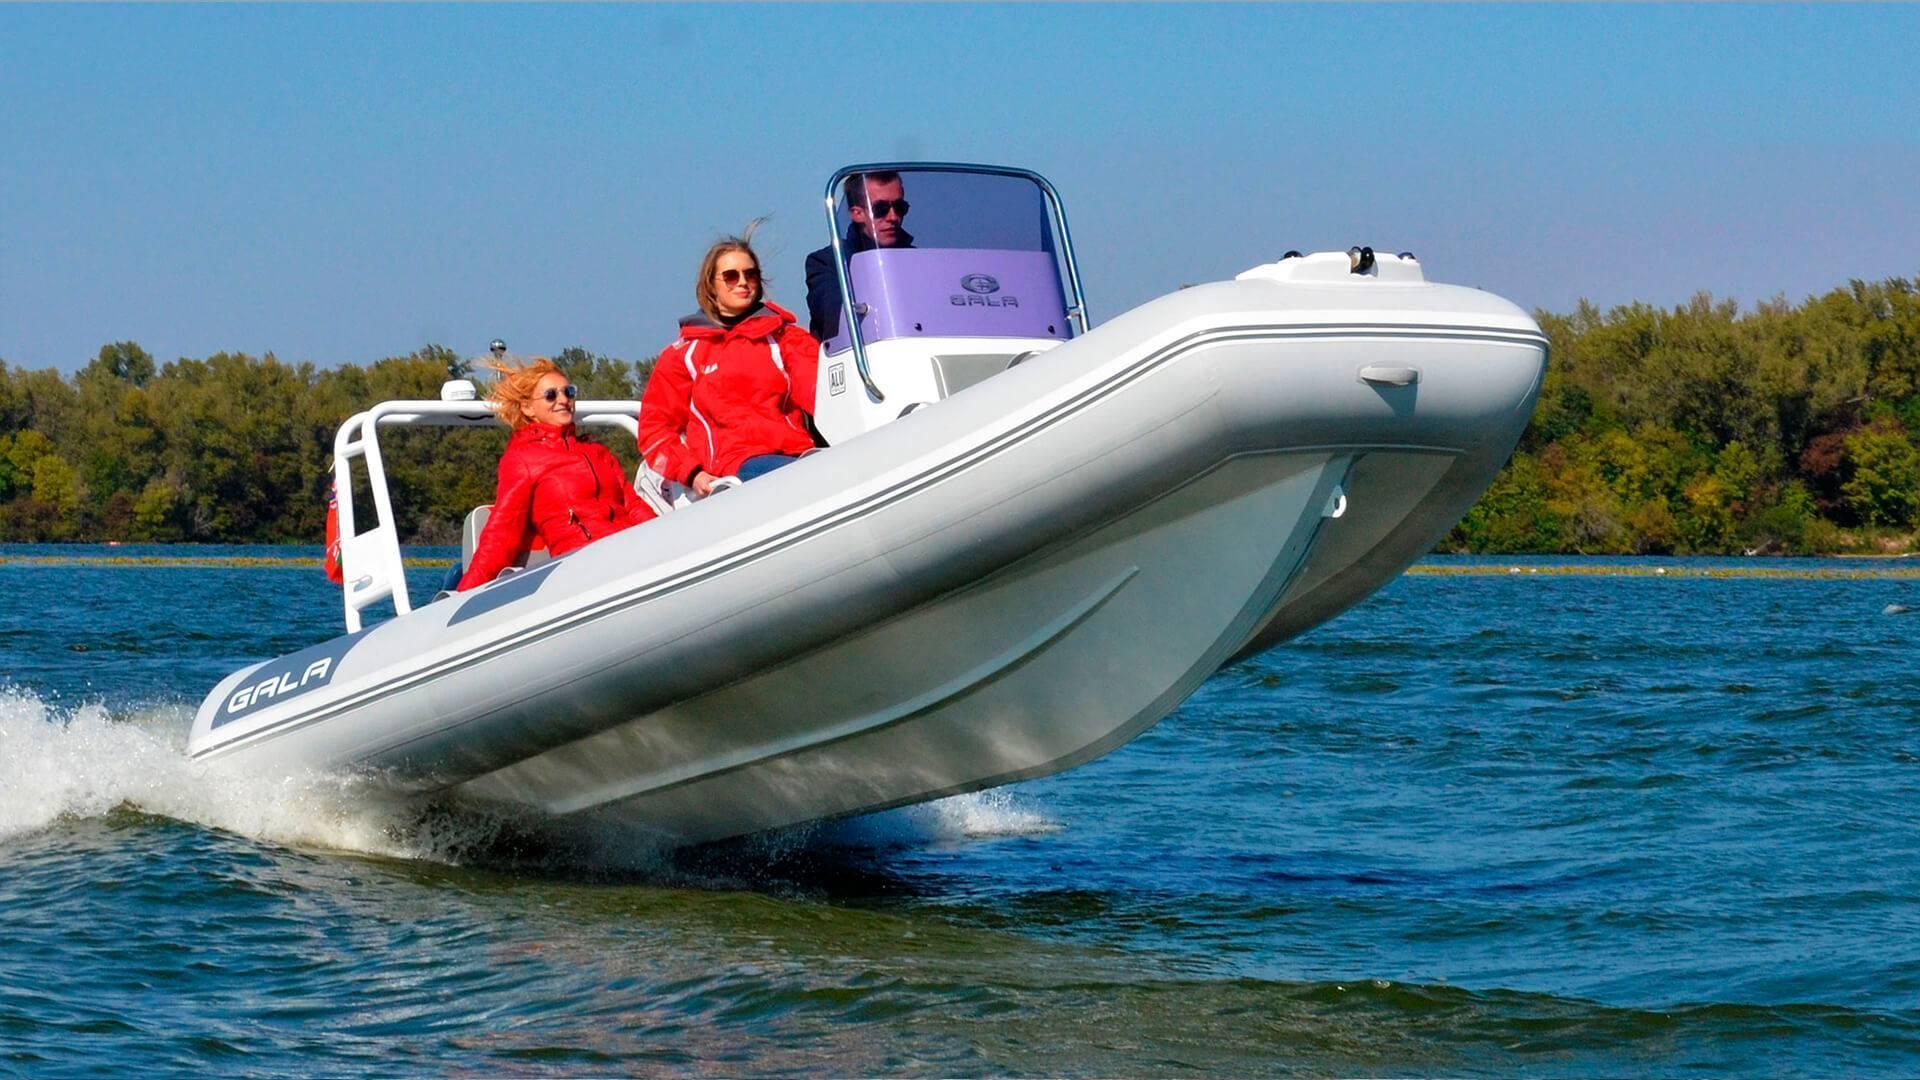 Лодки риб - обзор всех производителей, преимуществ и недостатков